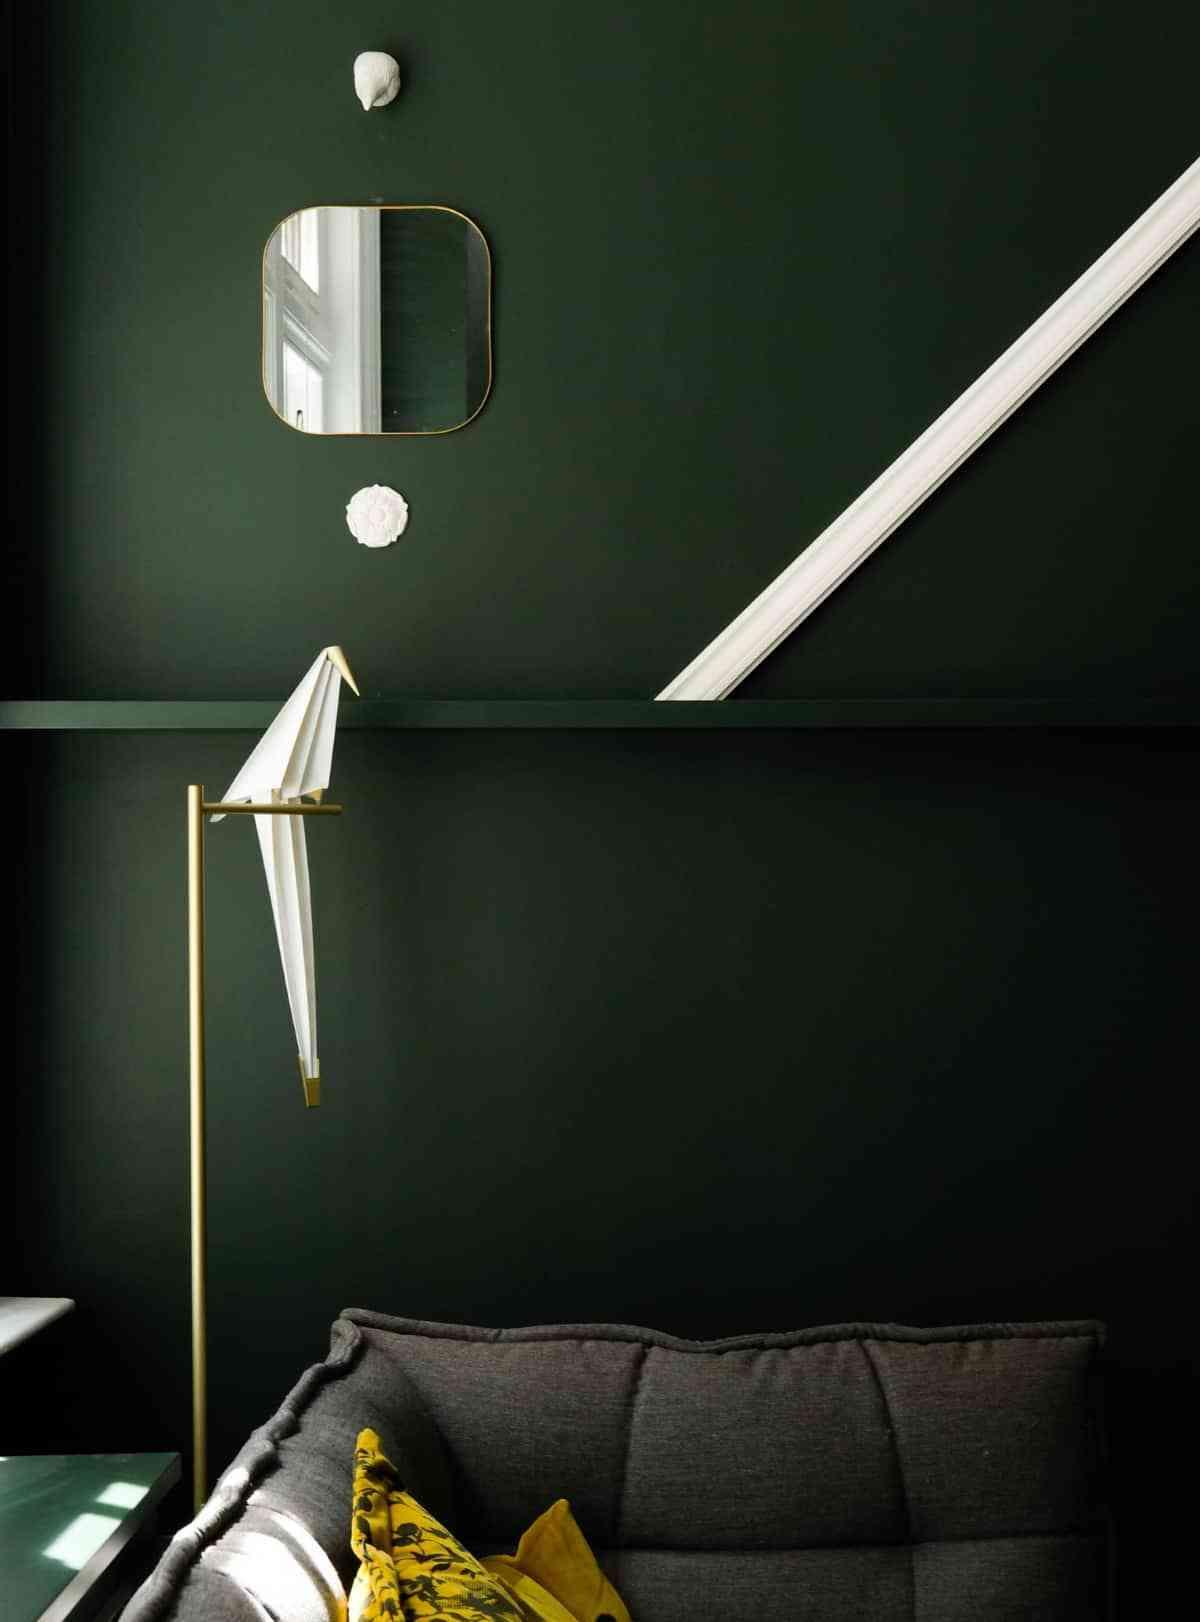 combinar tonalidades de verde oscuro